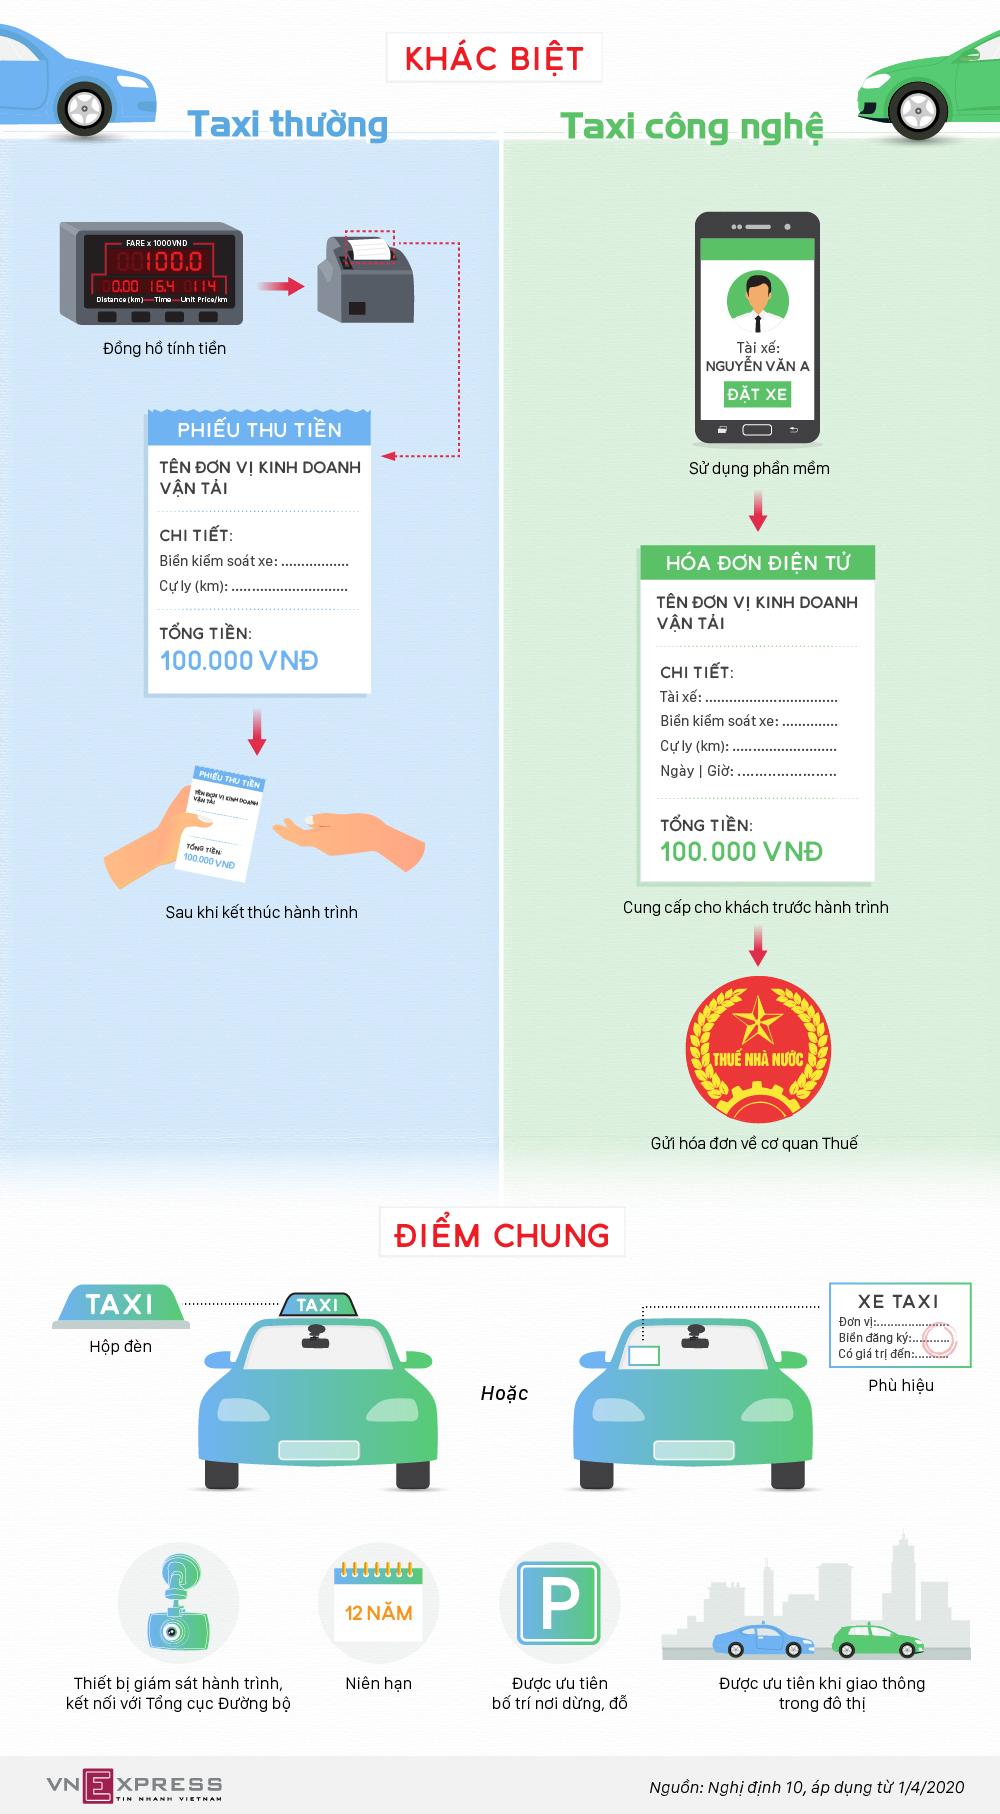 Taxi công nghệ khác taxi truyền thống thế nào?